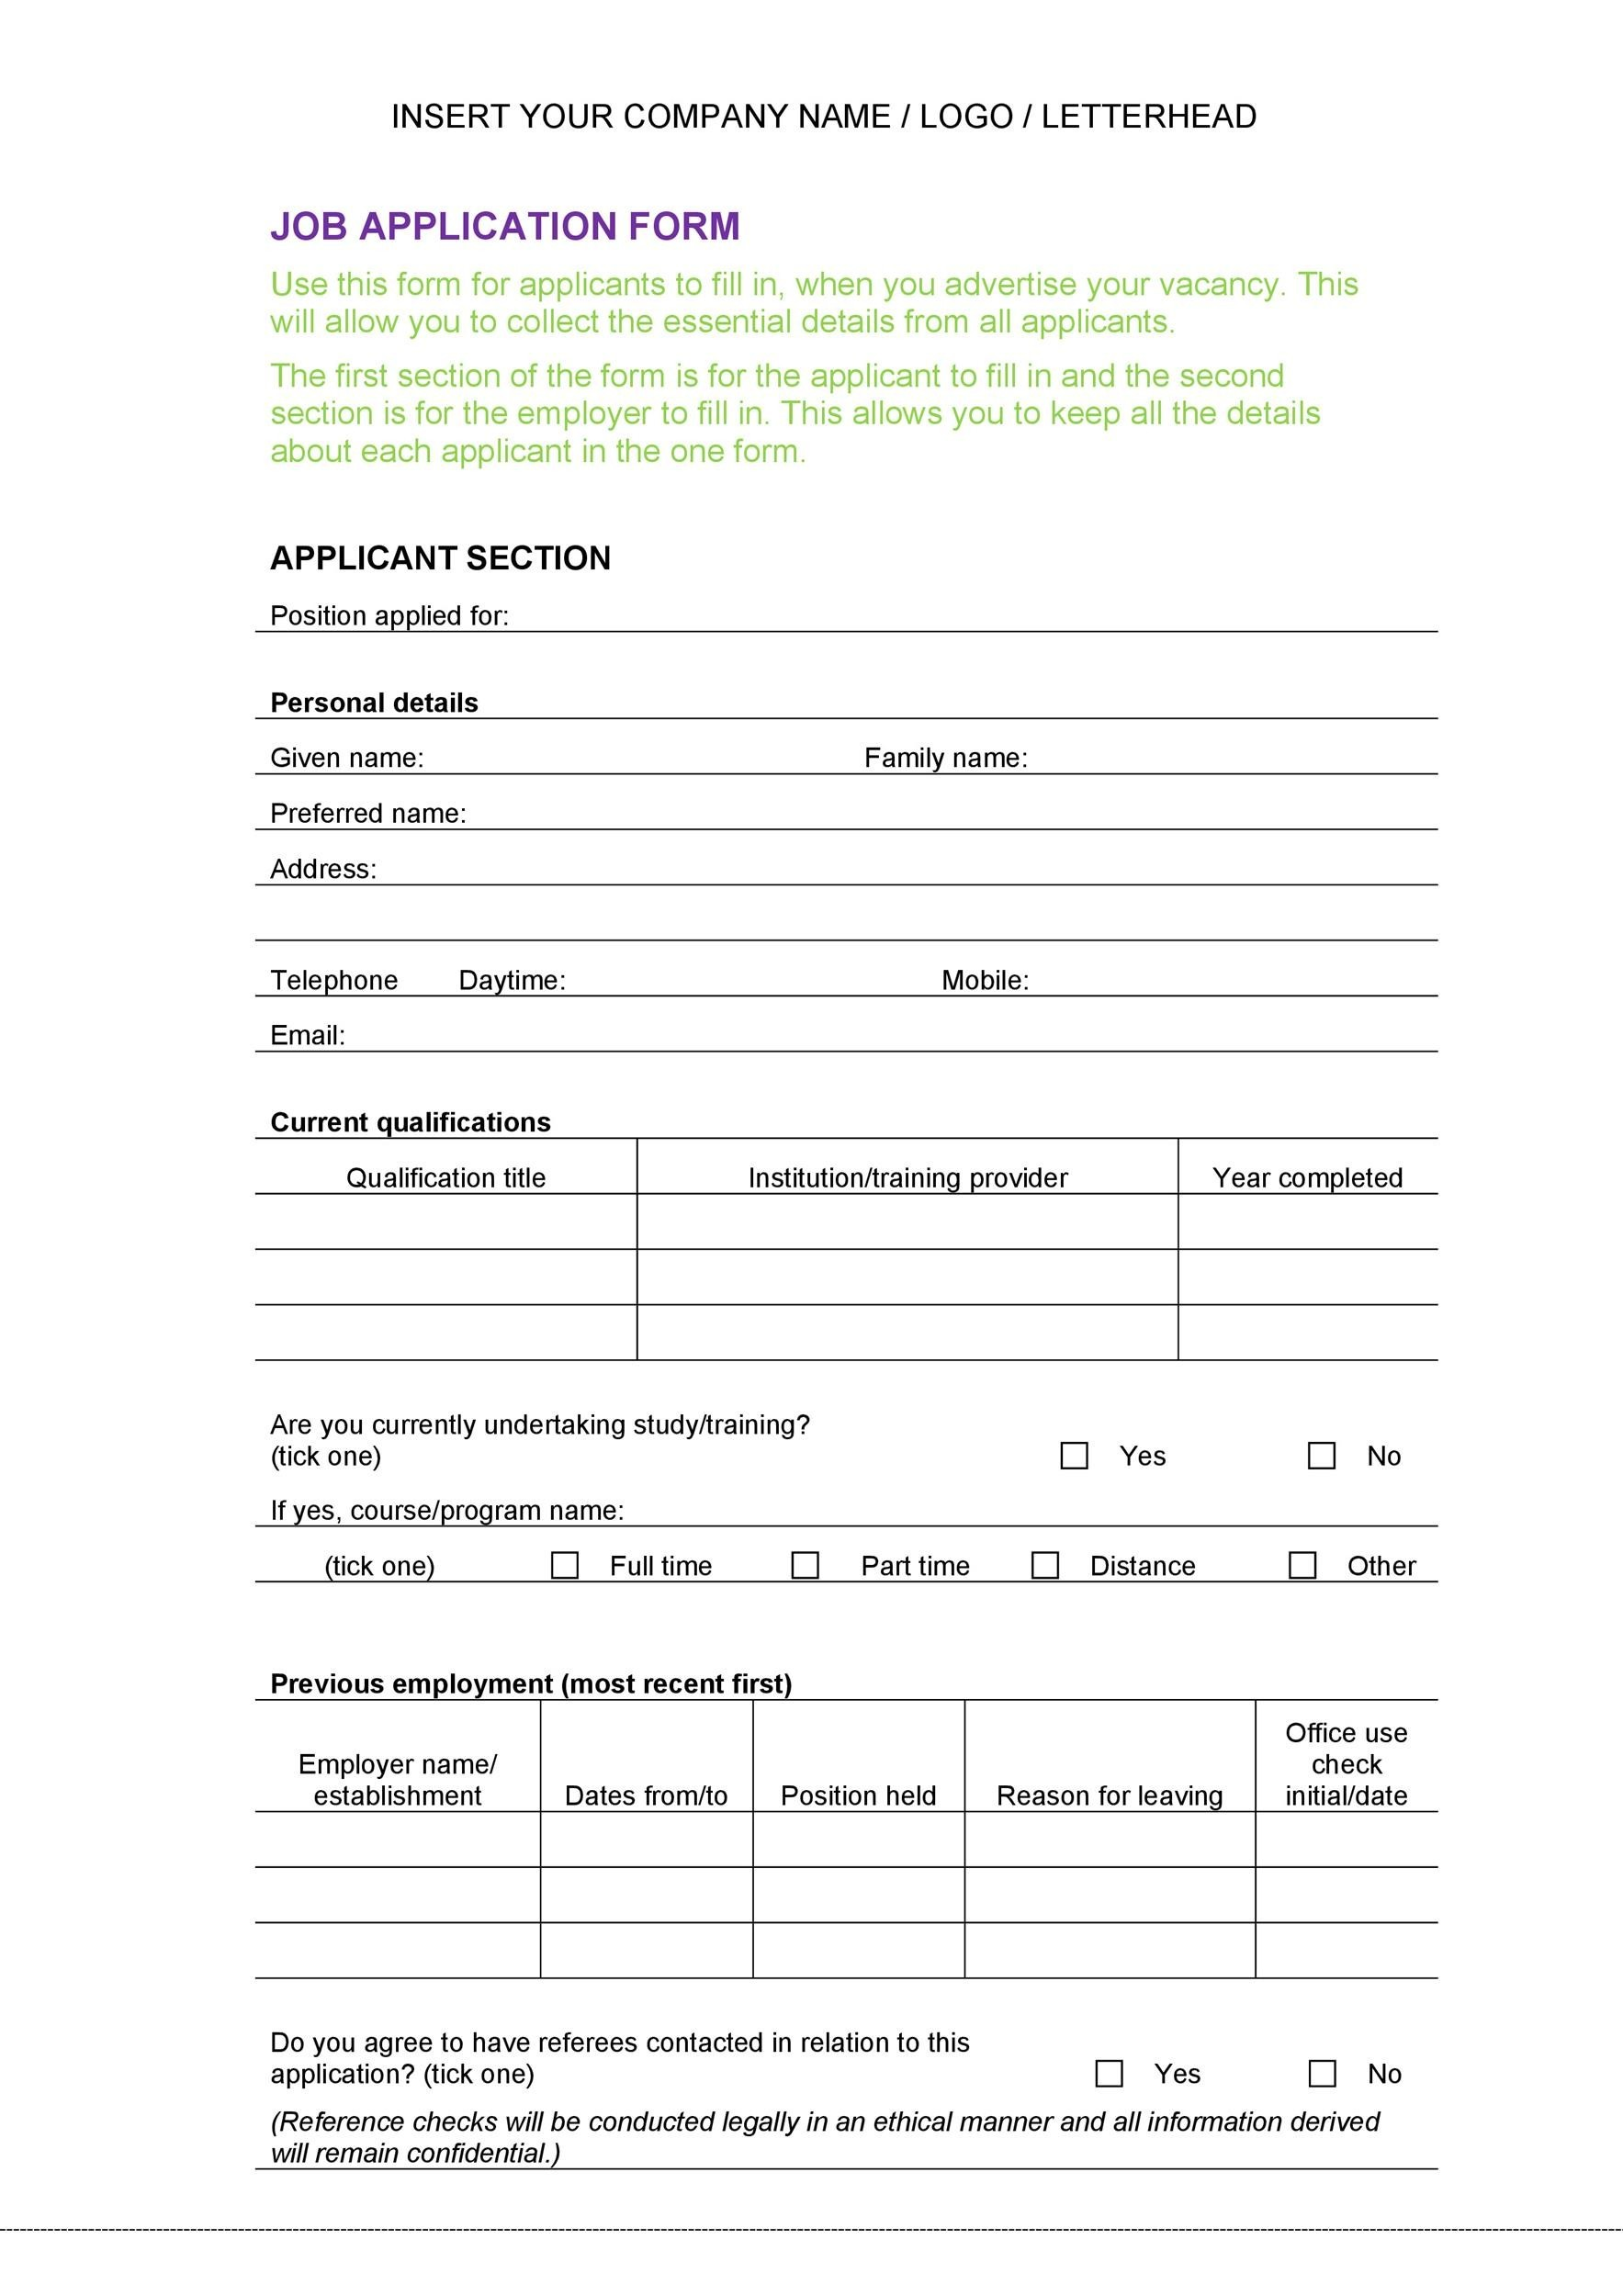 Job Application ] | Job Application, Job Applications Online, Job ...